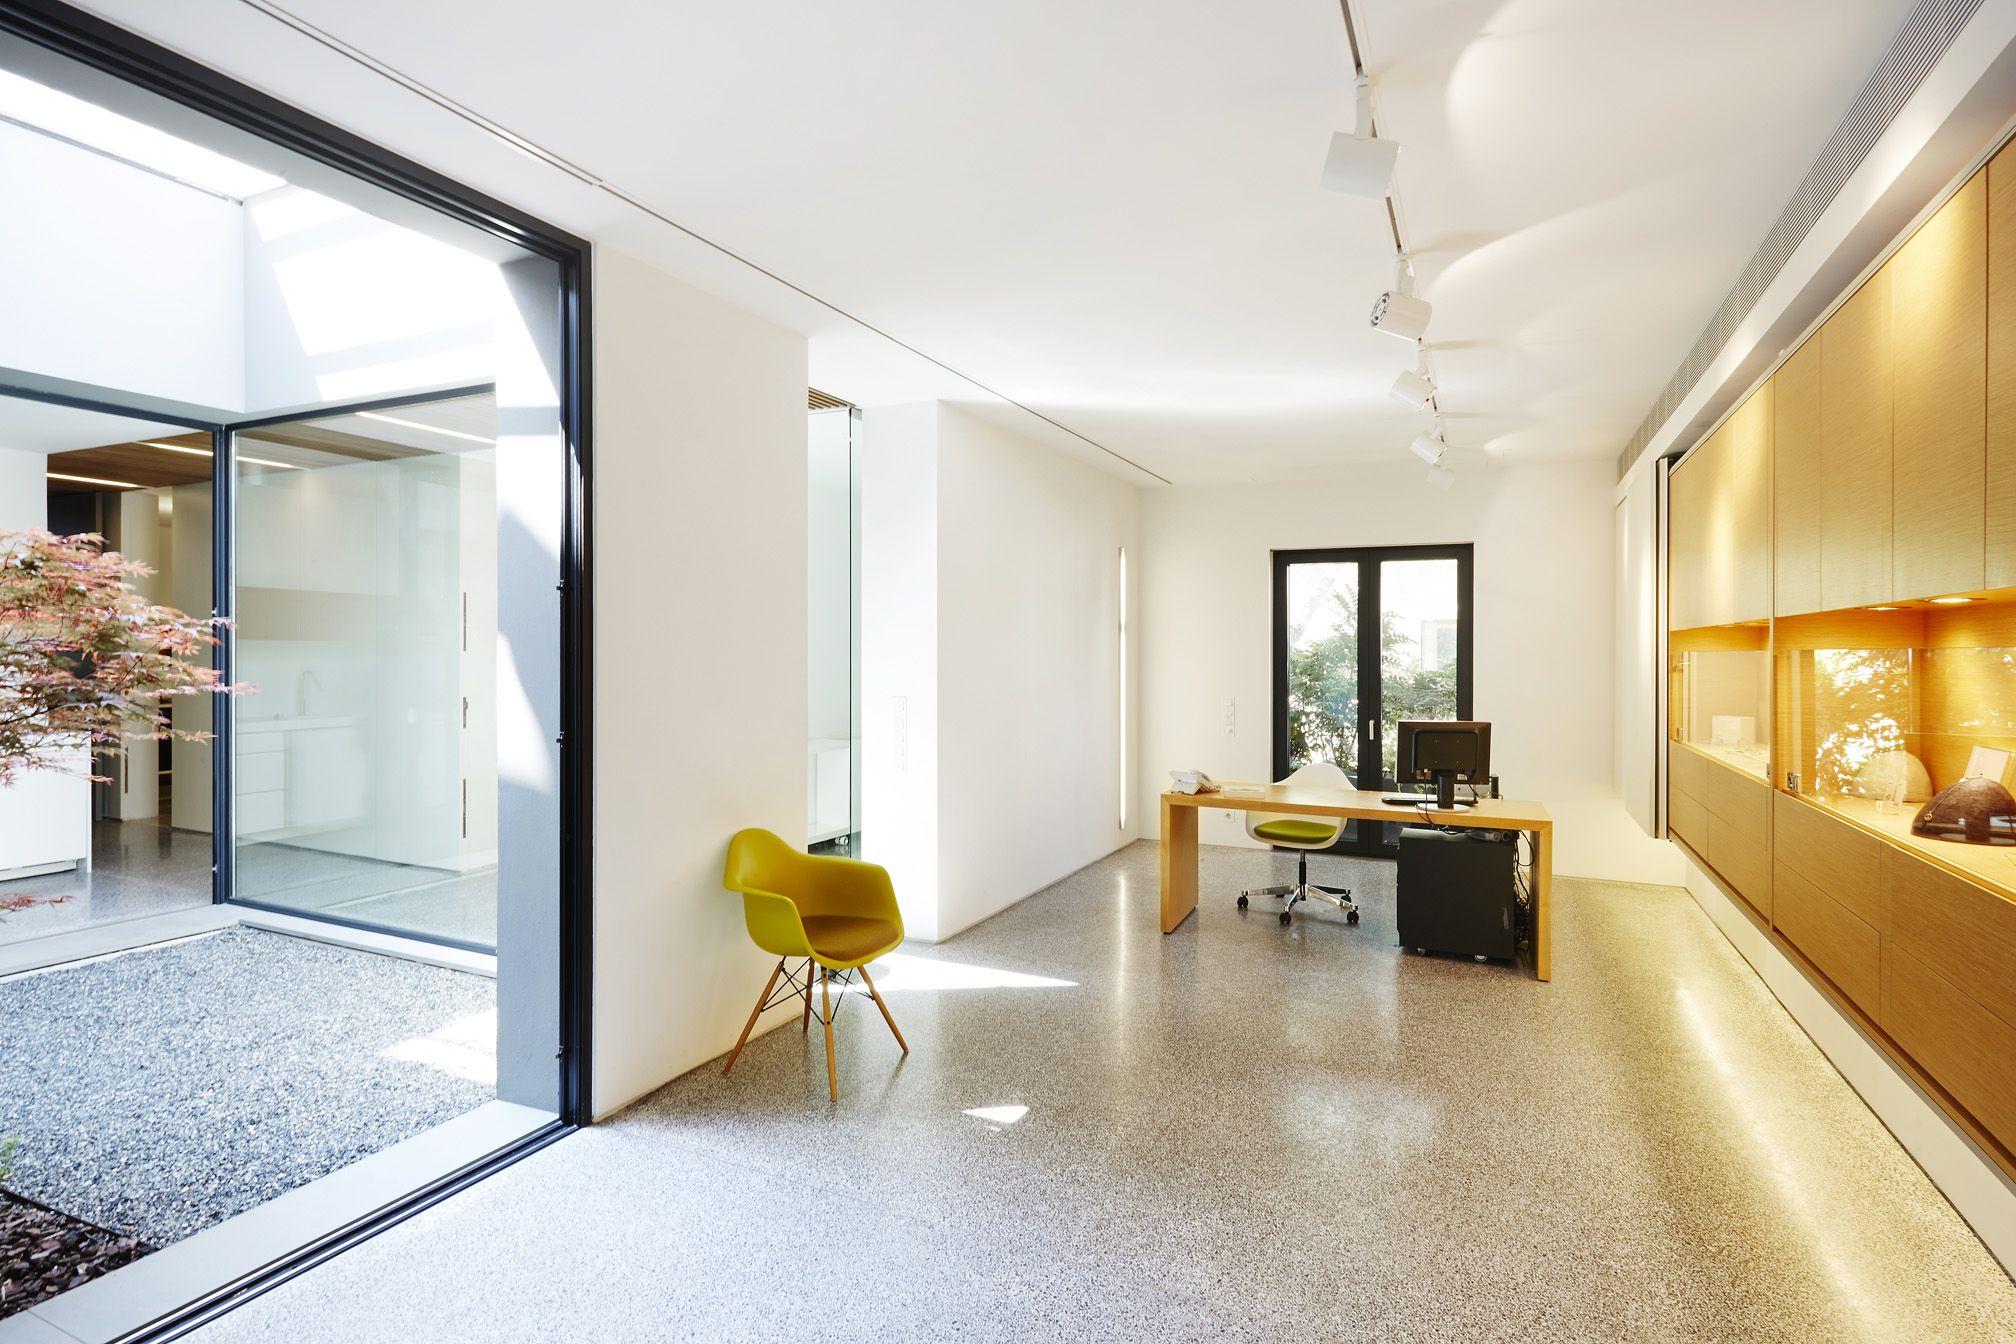 Tolle Küche Und Bad Showrooms New York Fotos - Küchen Design Ideen ...